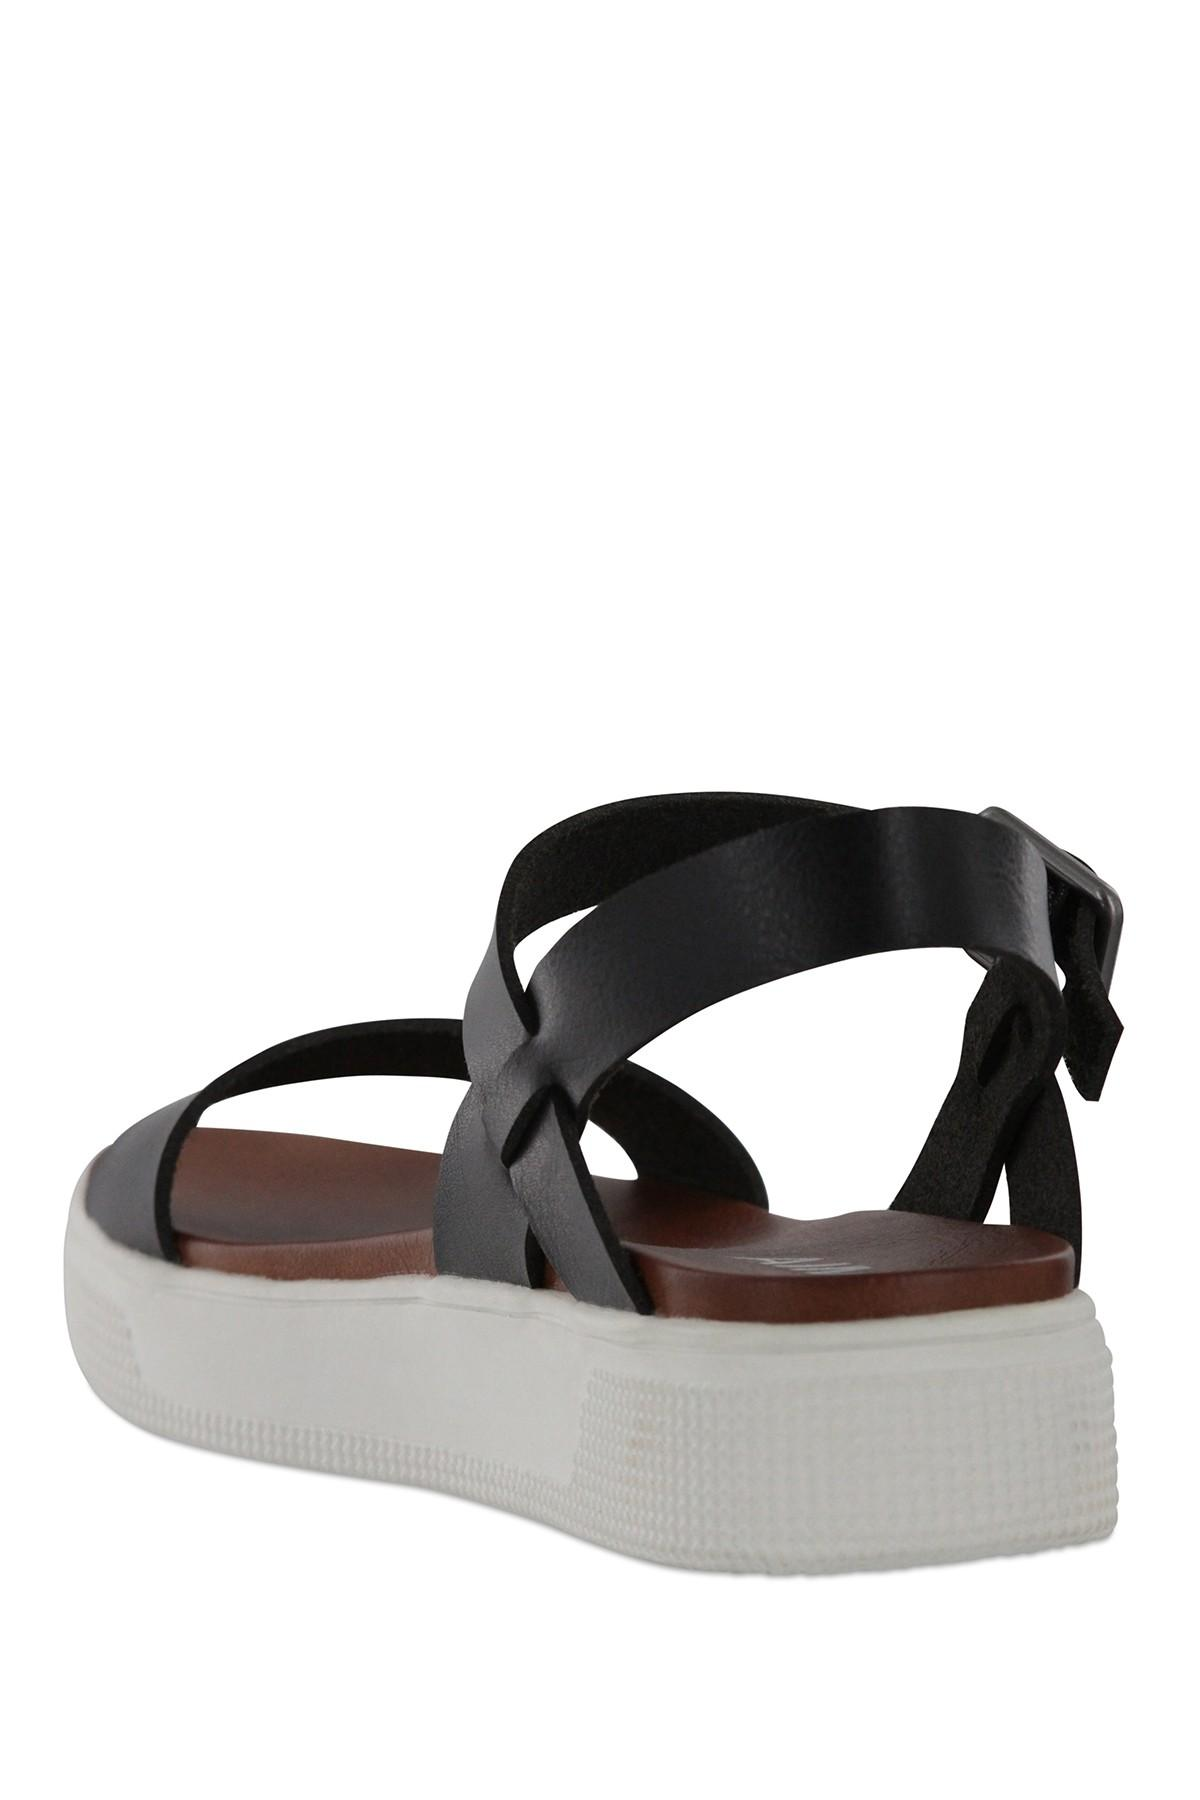 a24eef0c06f Lyst - MIA Abby Open Toe Platform Sandal in Black